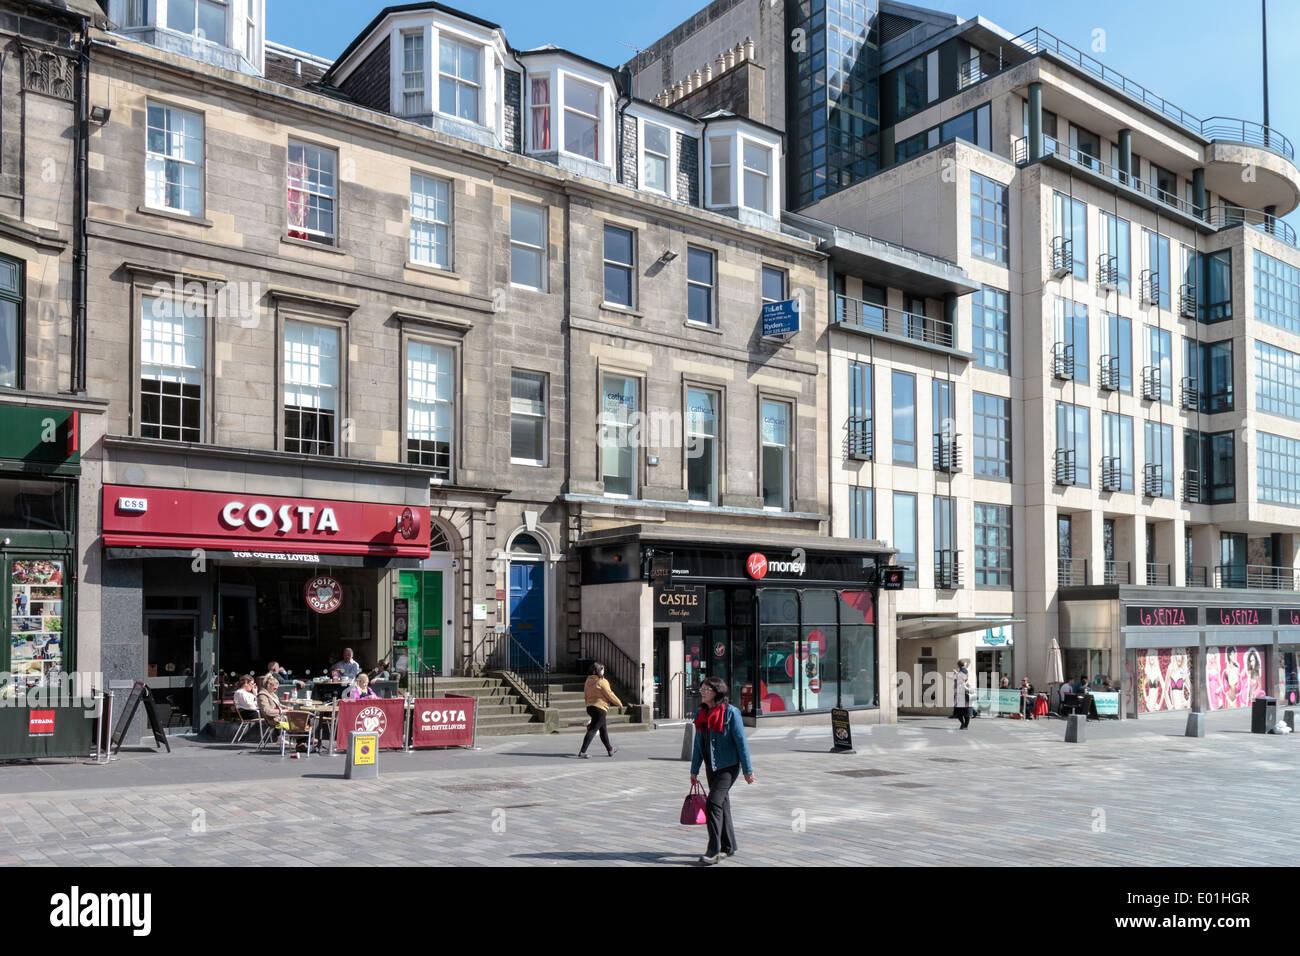 People In Castle Street Edinburgh In Front Of La Senza